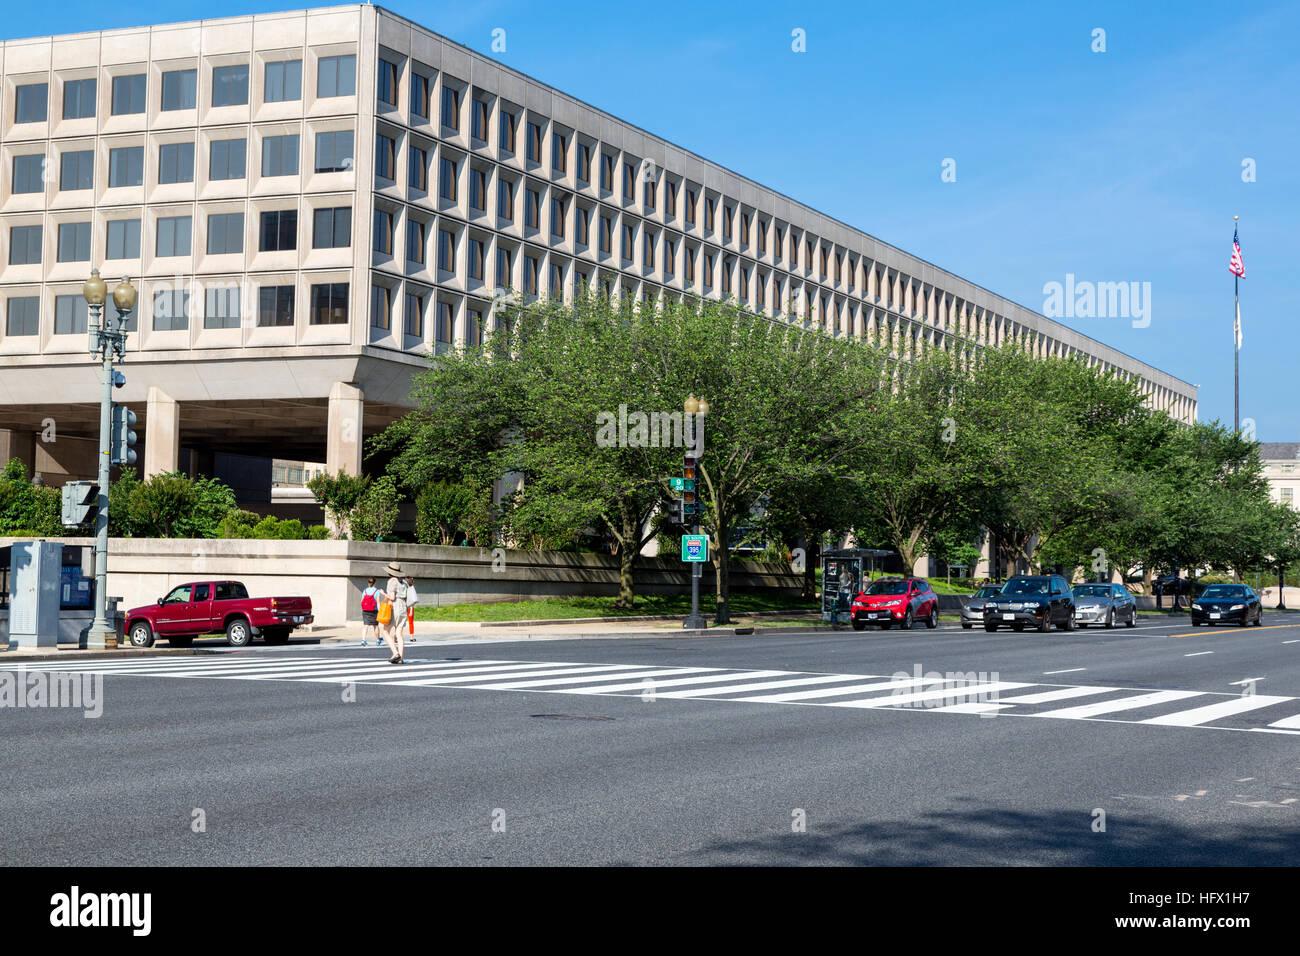 U S Department Of Energy James Forrestal Building